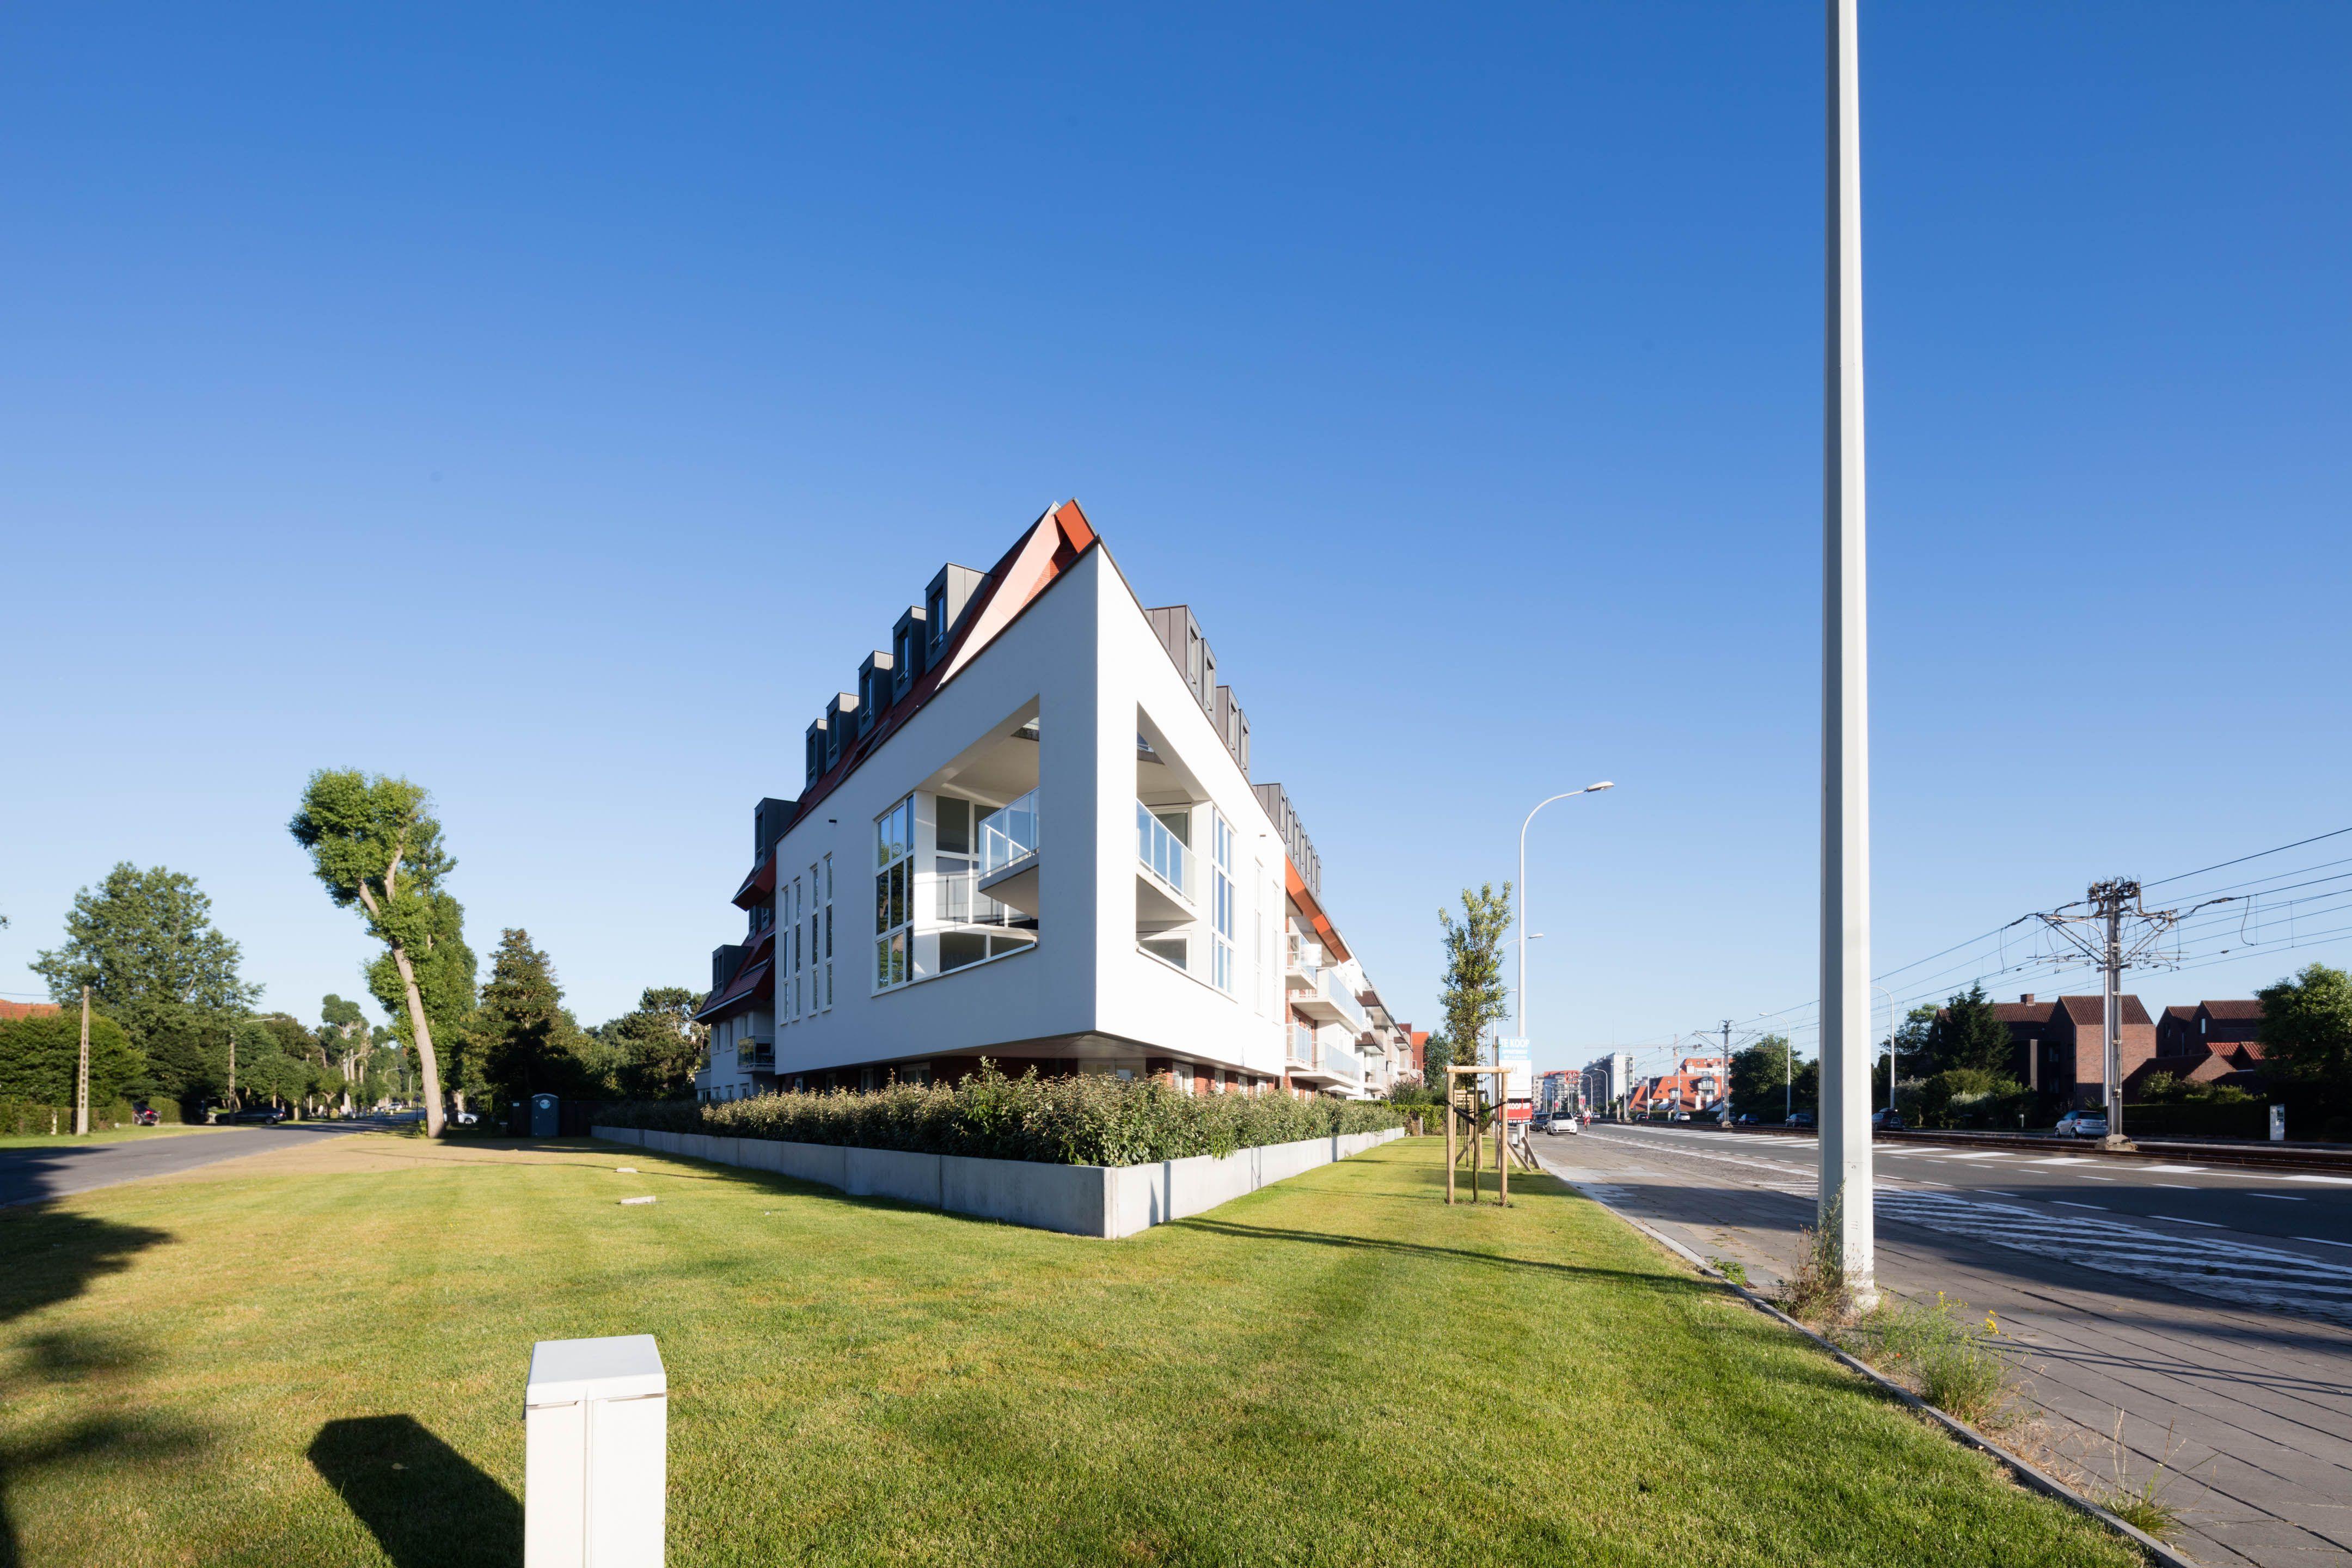 Appartement Residentie Villa Crombez Nieuwpoort - 9312